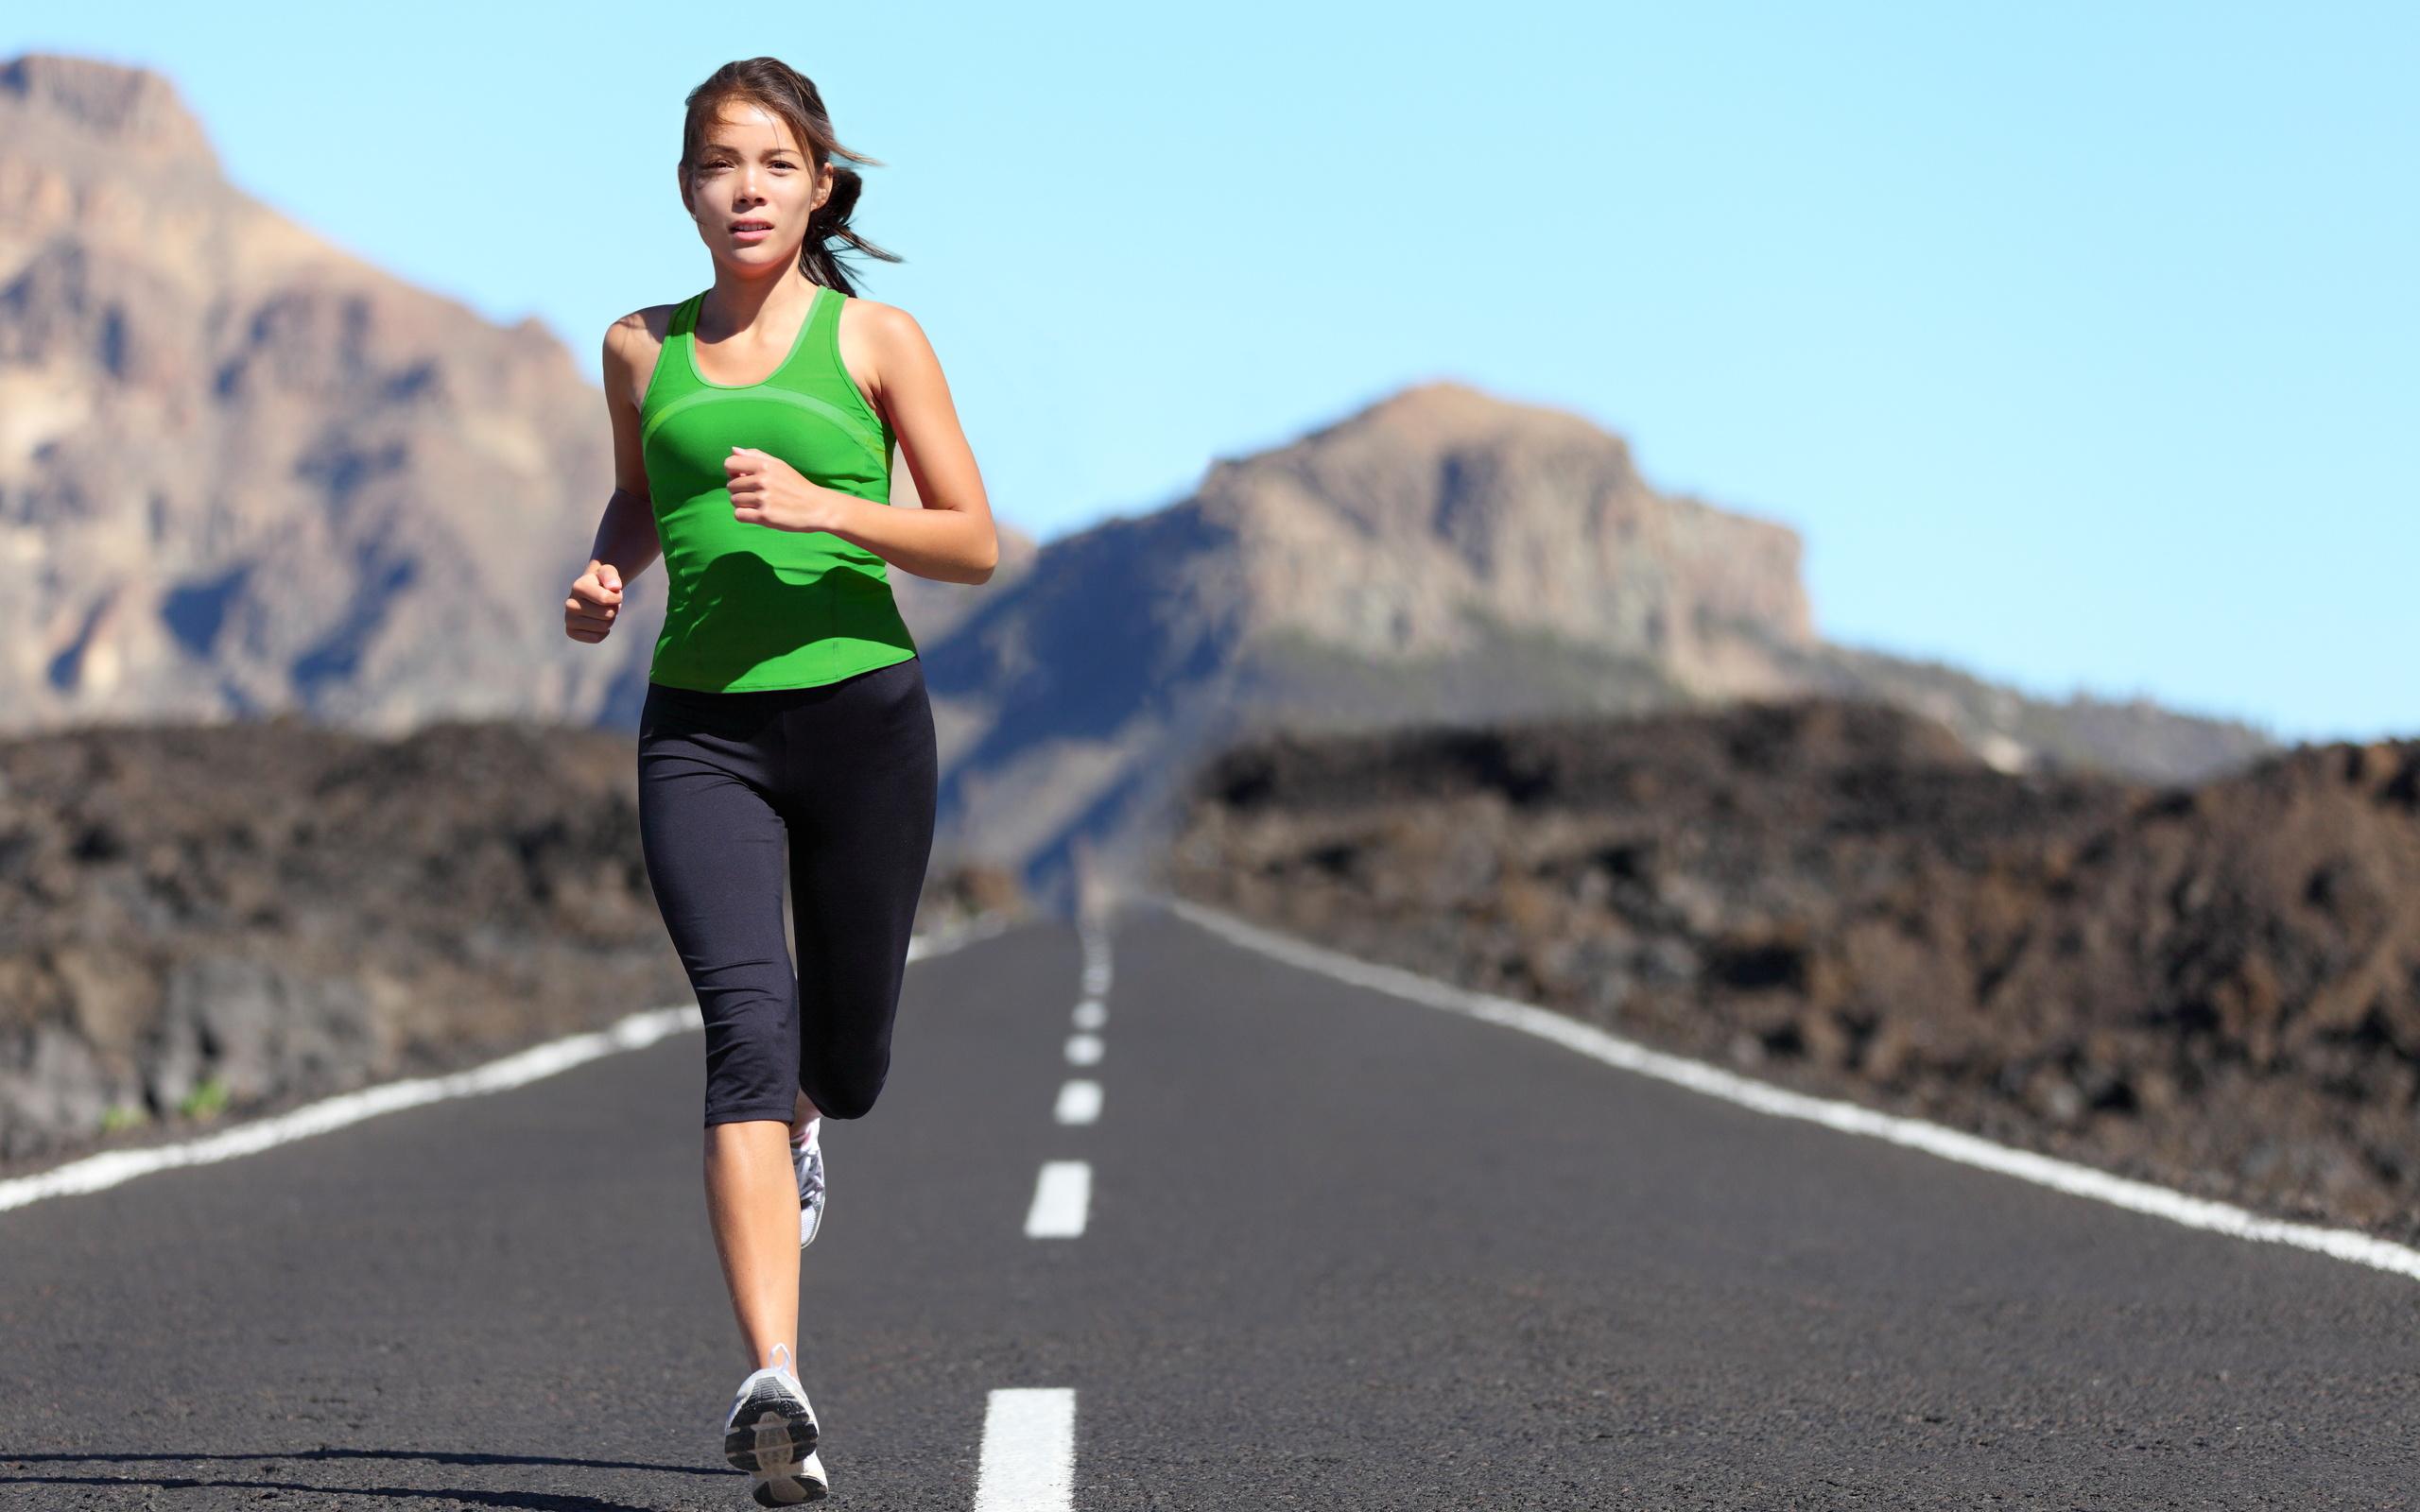 Девушка бегущая по дороге фото